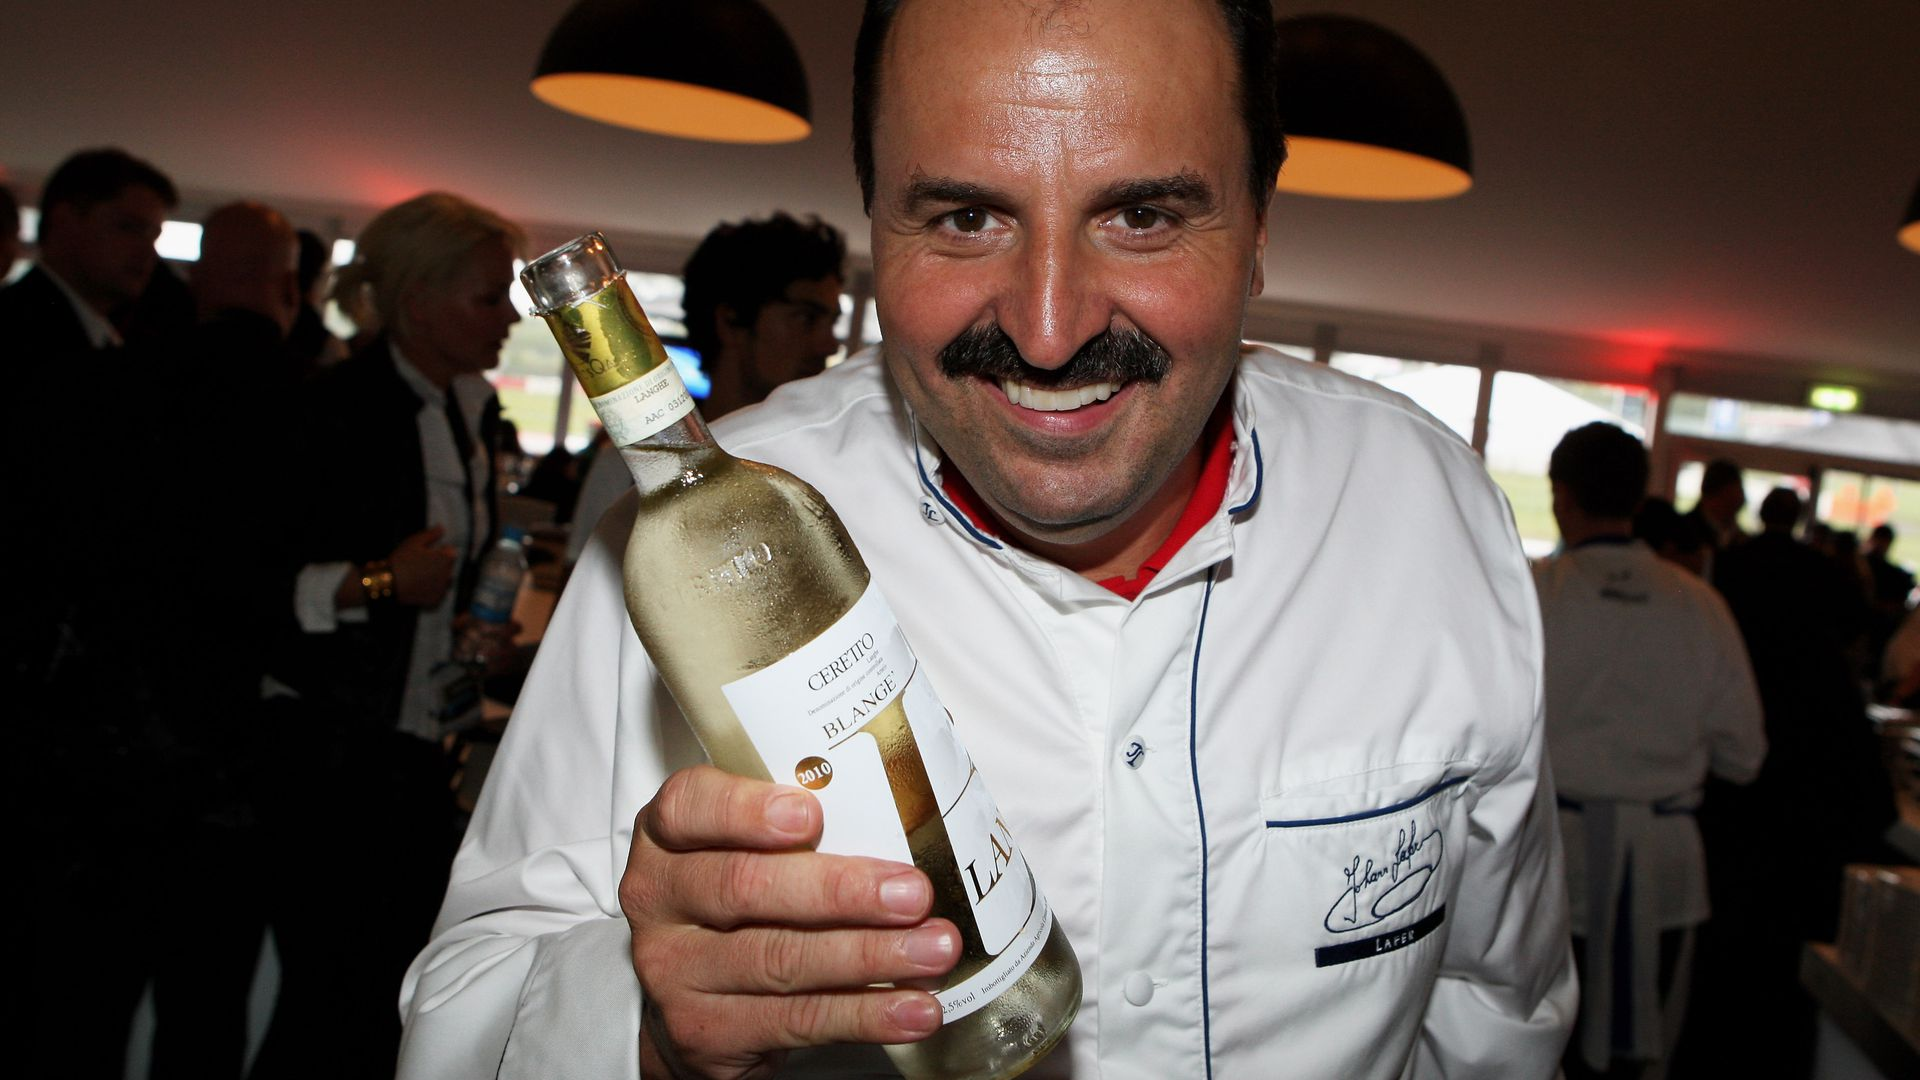 Das-war-s-Johann-Lafer-schlie-t-sein-Restaurant-Le-Val-d-Or